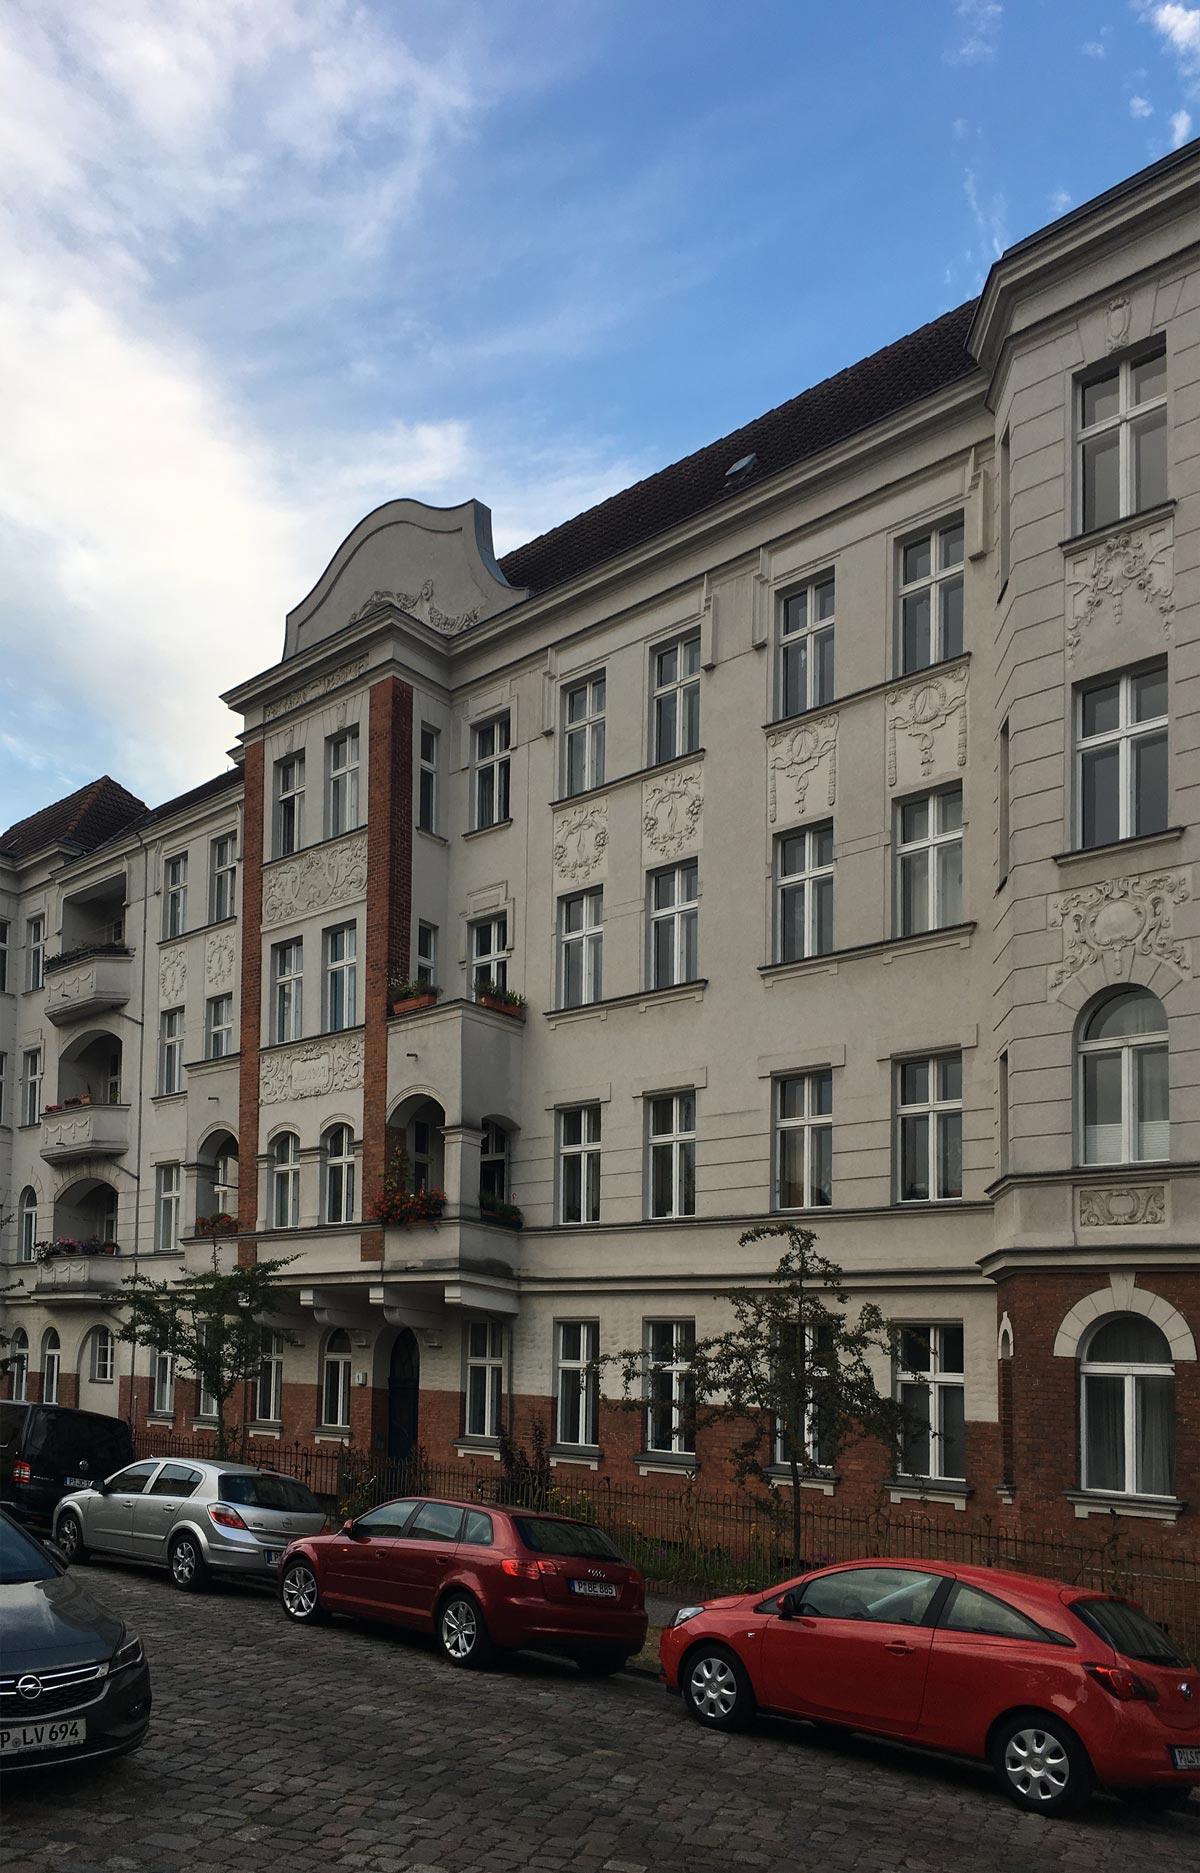 architekt-heinrich-siemensstrasse-potsdam